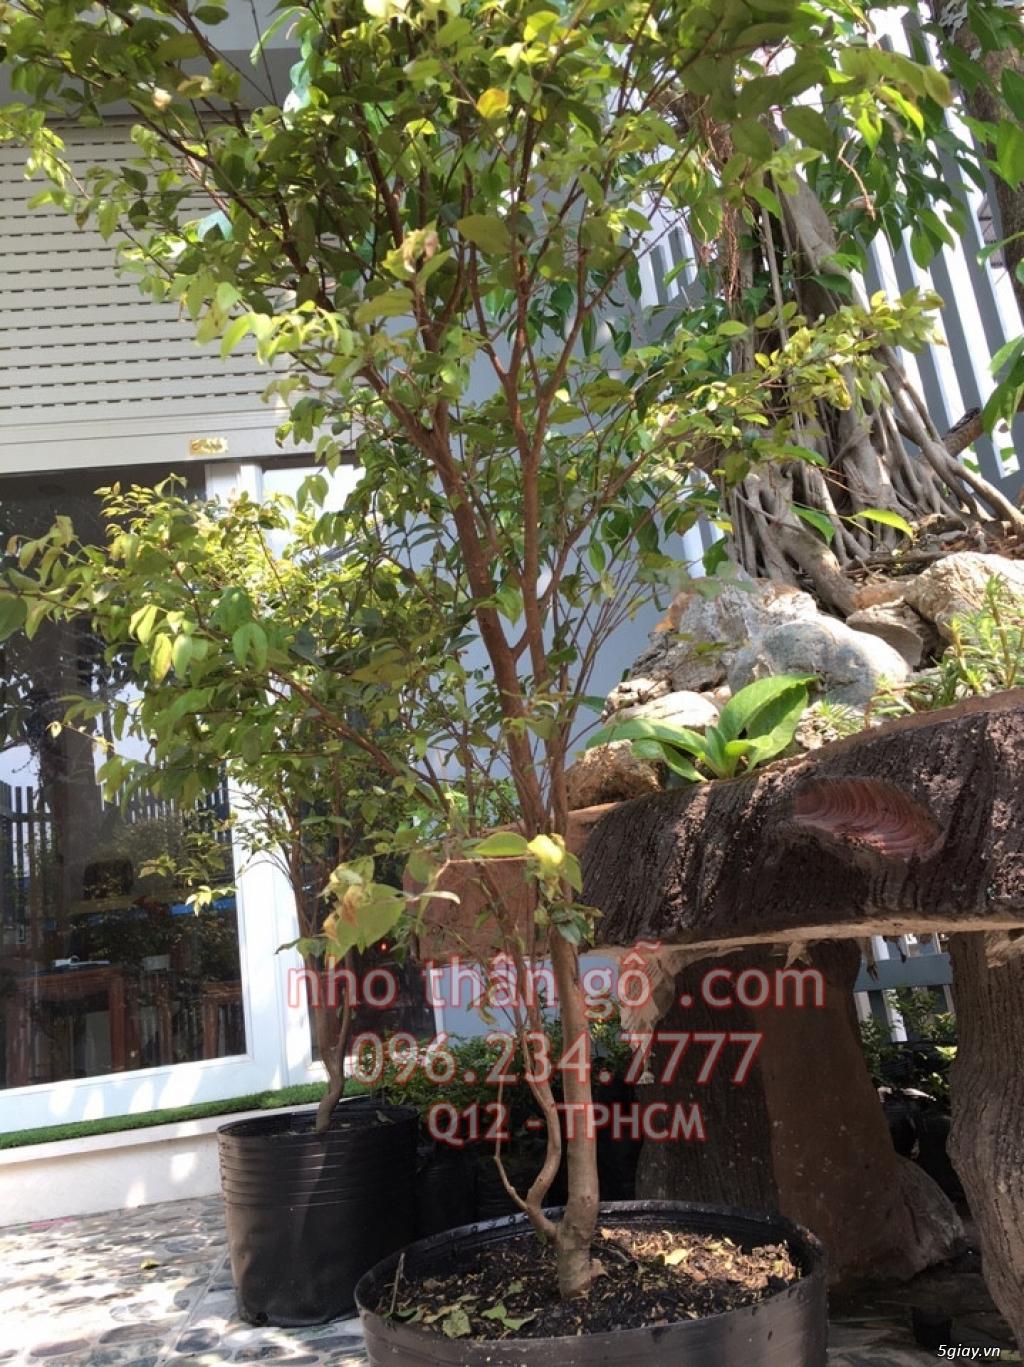 Mua bán sỉ và lẻ Nho Thân Gỗ cây giống TPHCM - 4